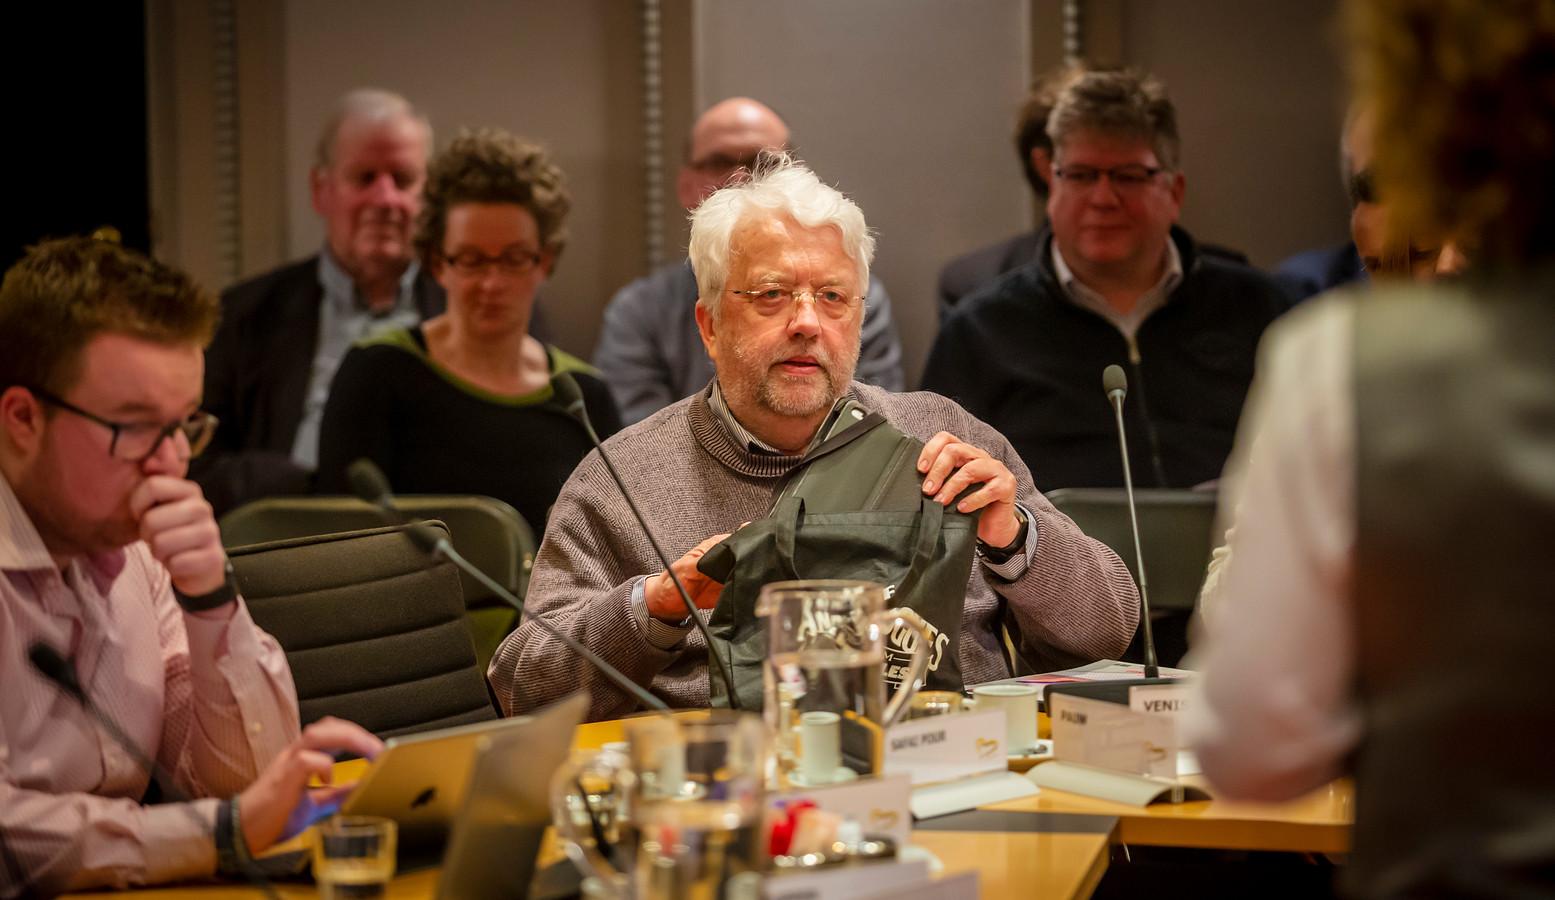 Gerrit Venis.